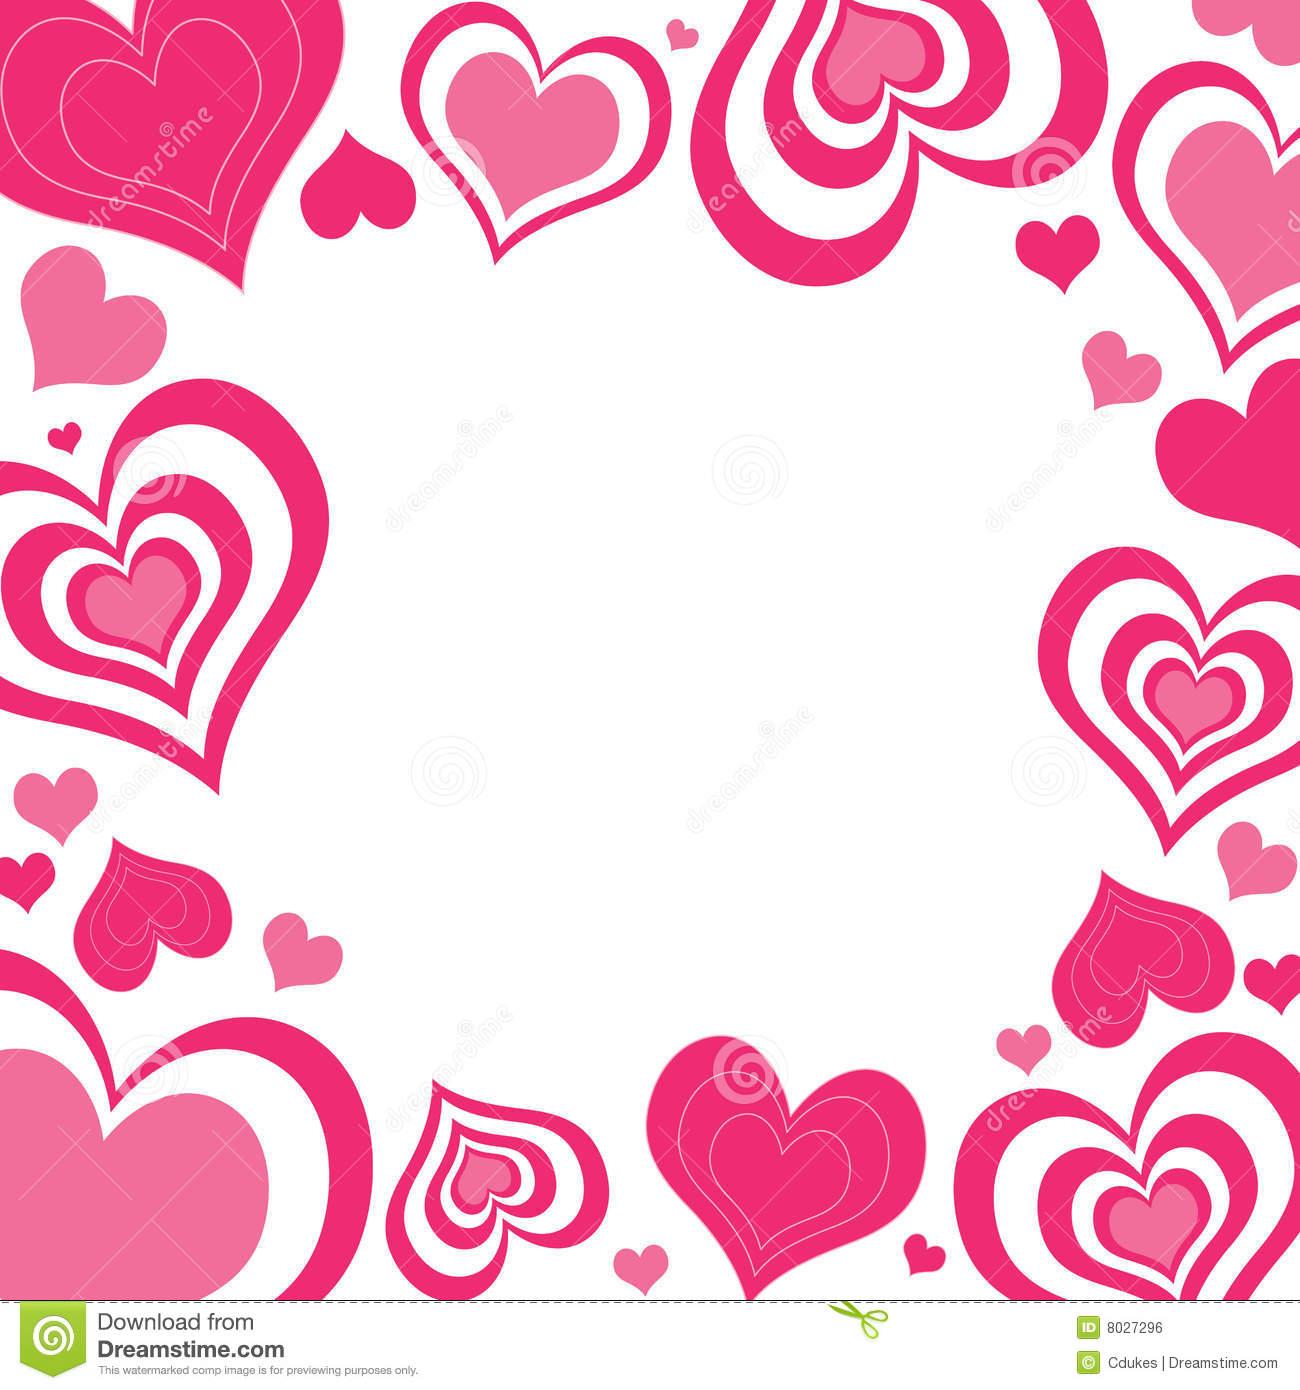 Valentine Hearts Border Royalty Free Sto-Valentine Hearts Border Royalty Free Stock Image Image 8027296-13